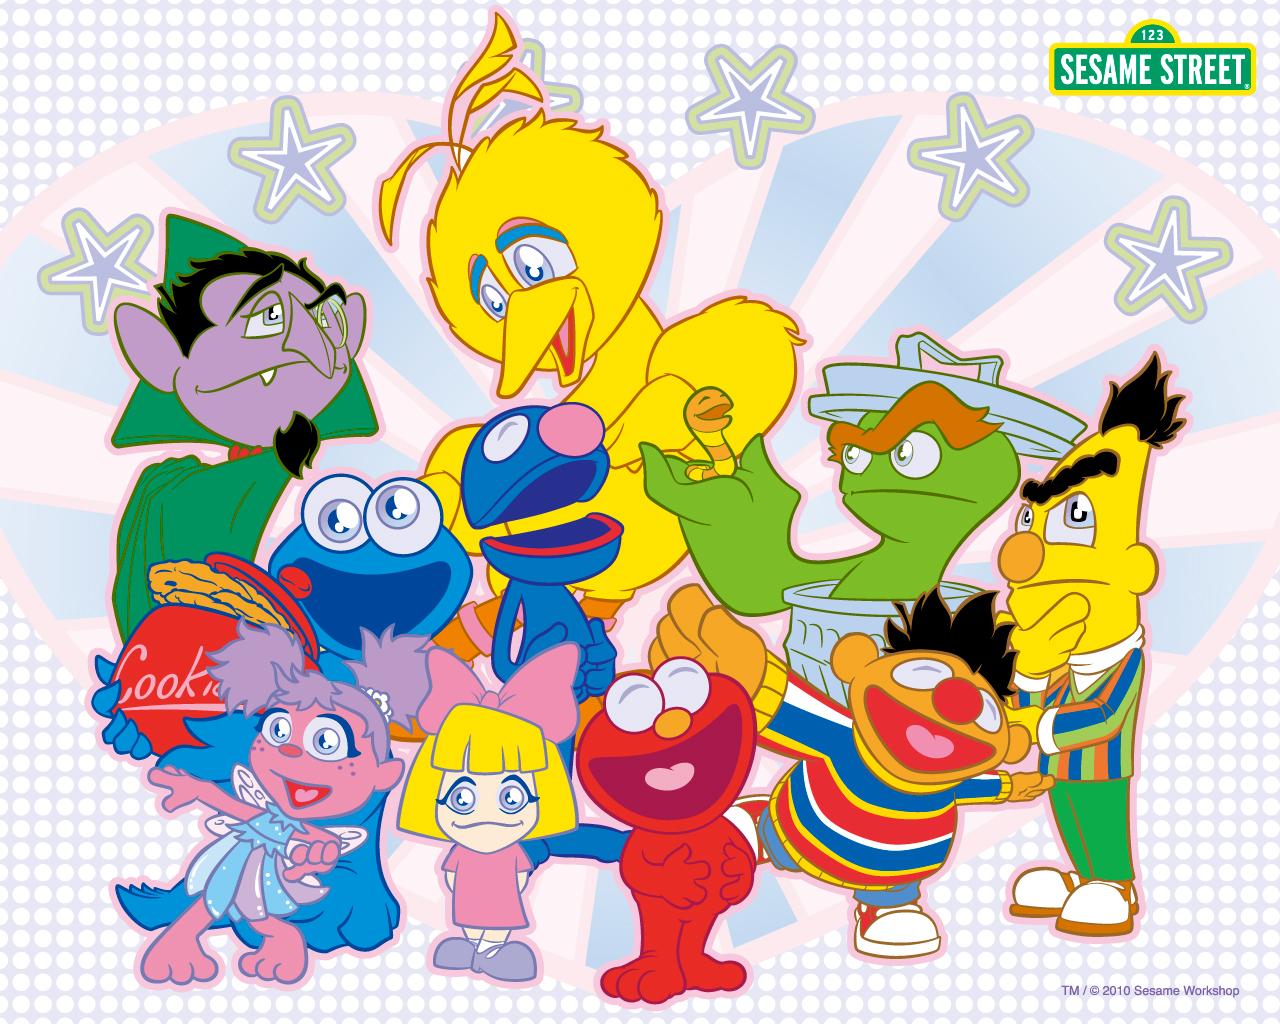 Sesame-Street.jp | Muppet Wiki | Fandom powered by Wikia